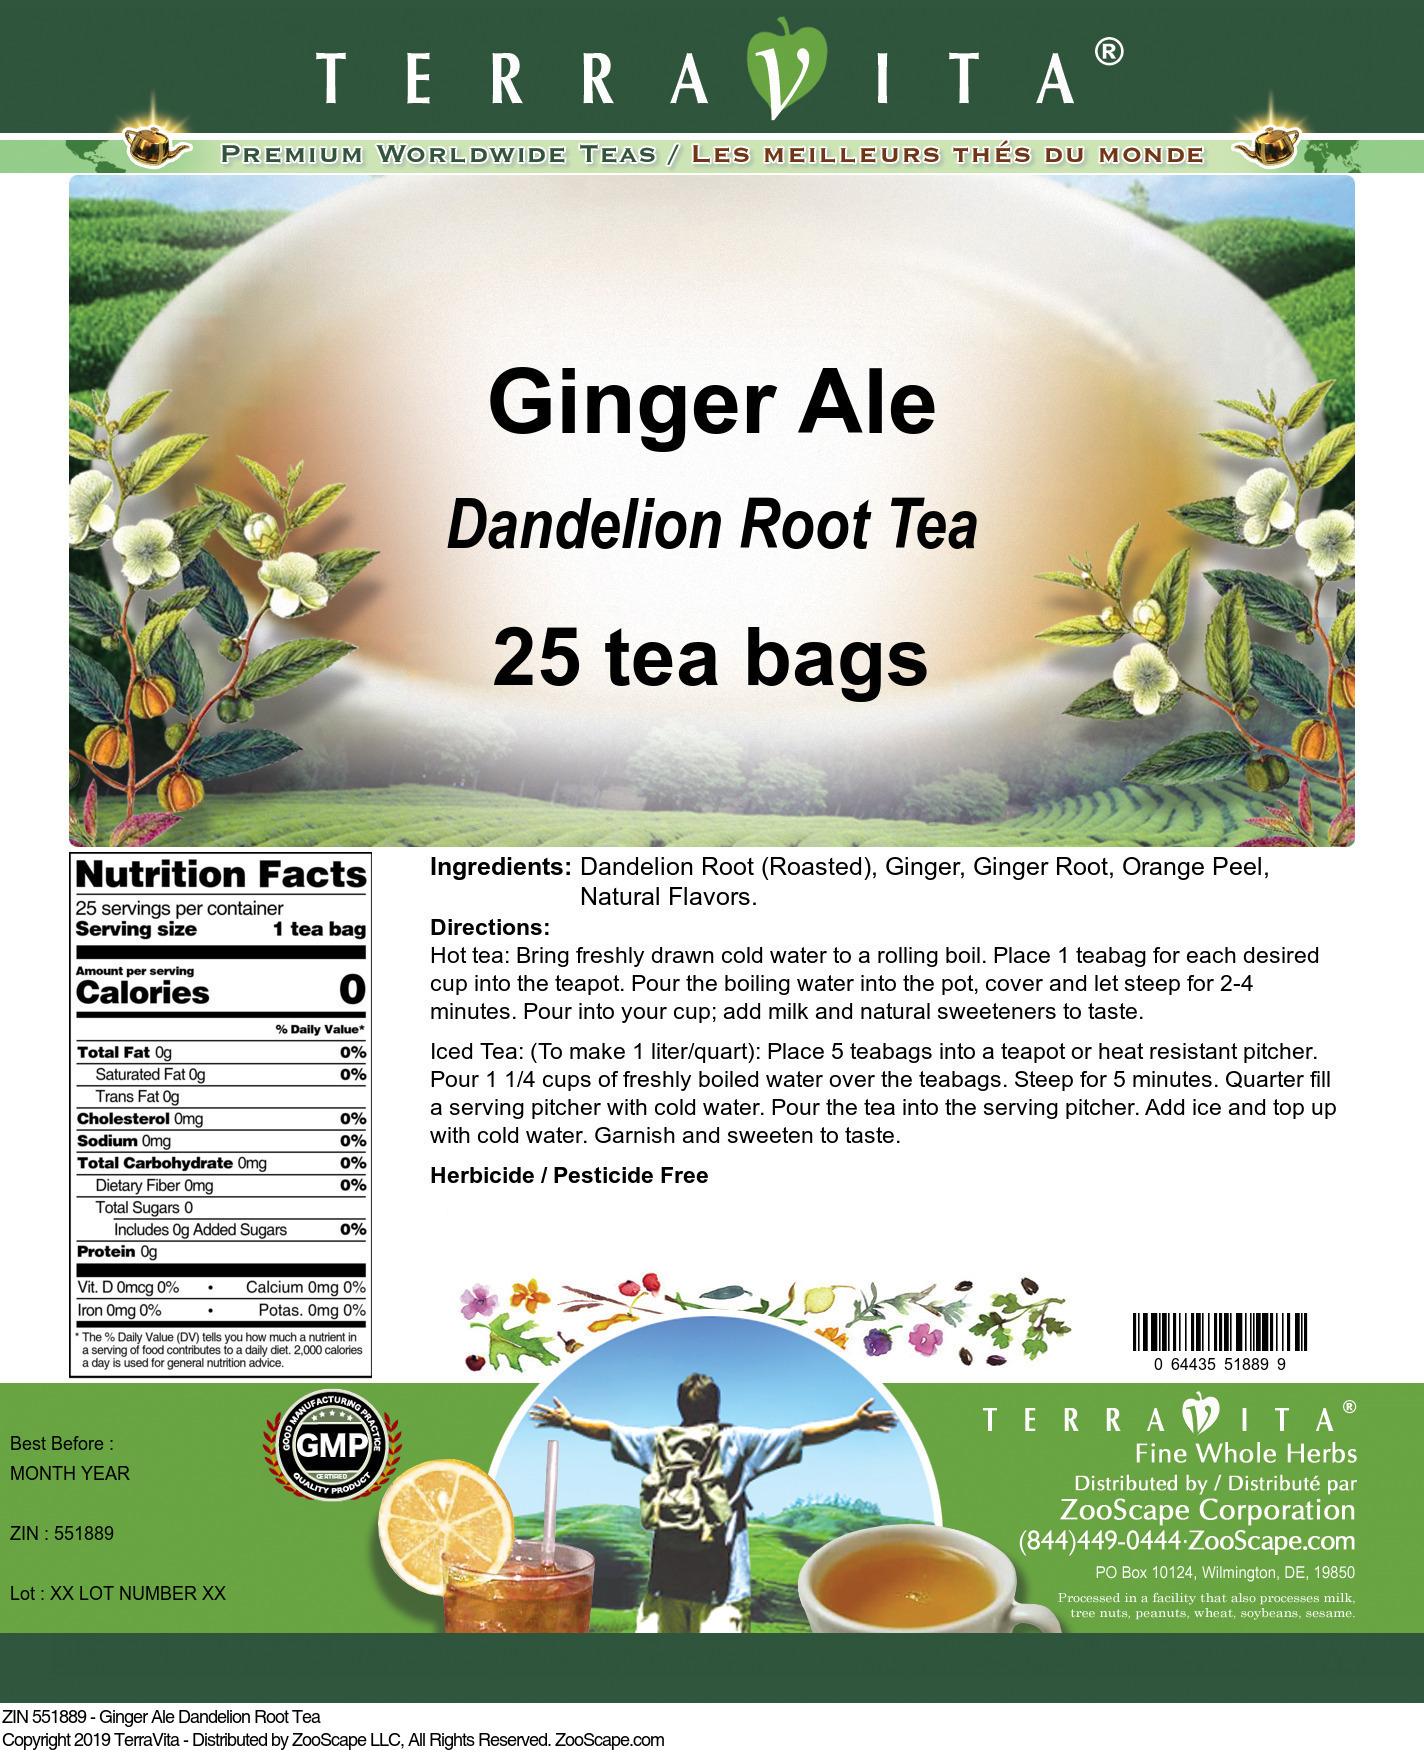 Ginger Ale Dandelion Root